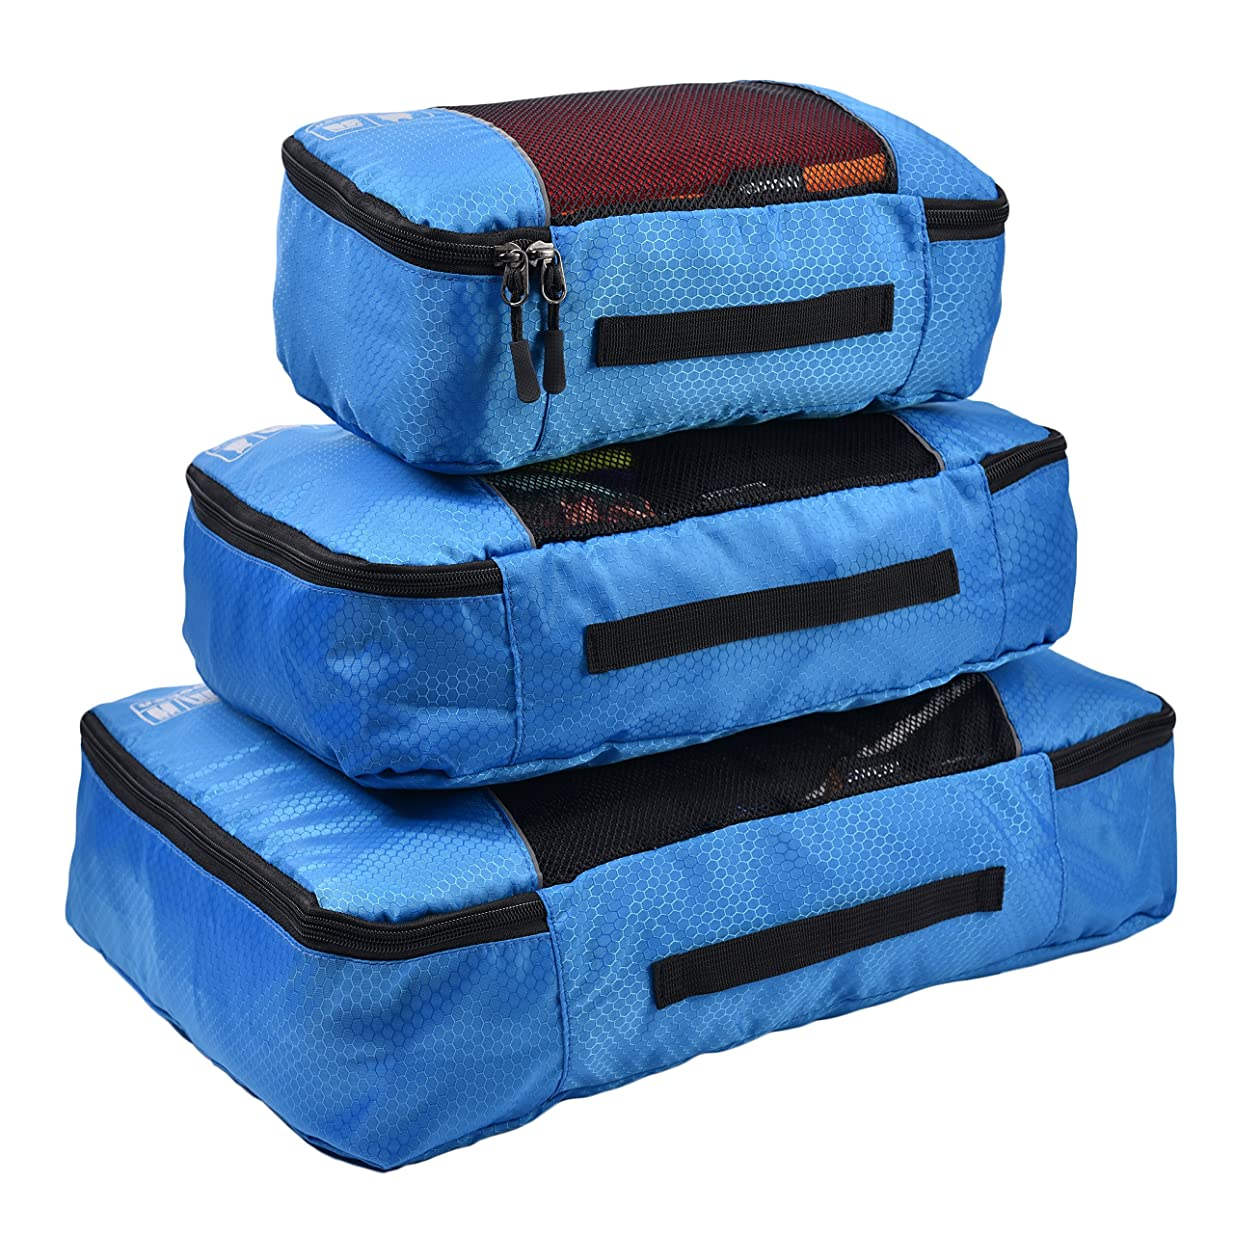 後悔令状バスケットボールHopsooken 3点セット アレンジケース トラベルポーチ スーツケース オーガナイザー トラベル 整理整頓 出張 旅行 パッキングキューブ [並行輸入品]